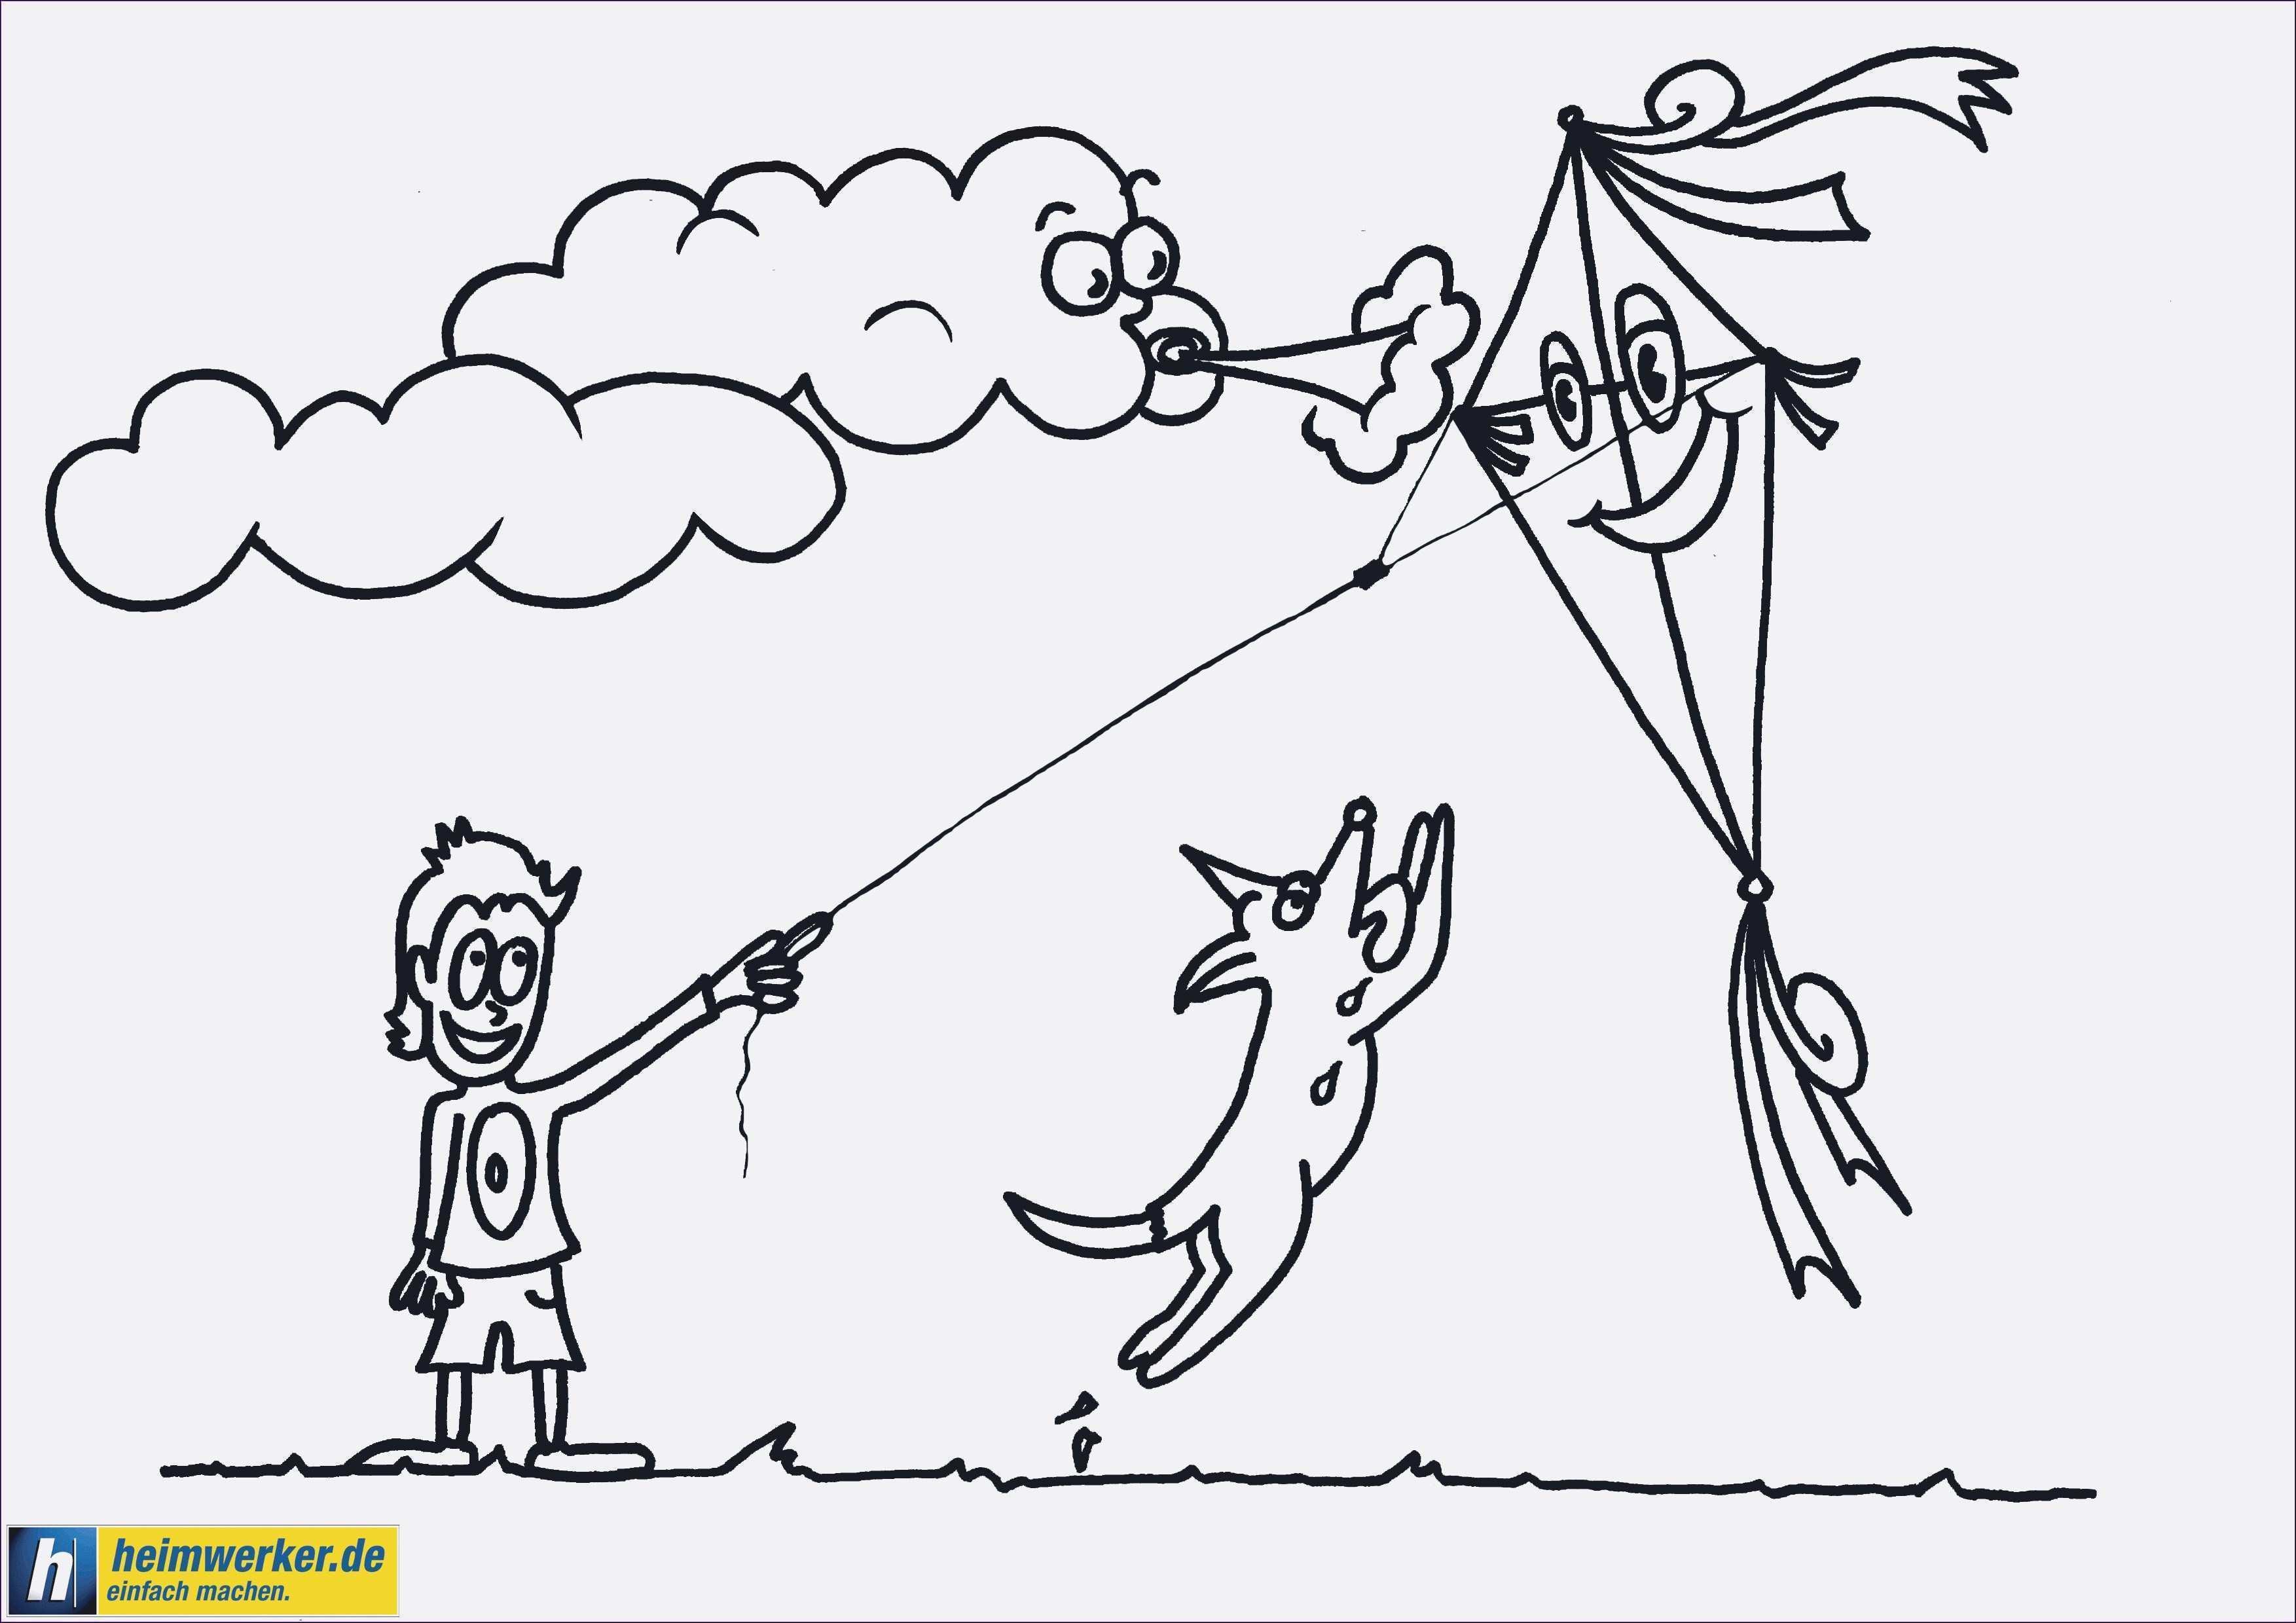 Pippi Langstrumpf Ausmalbilder Einzigartig Pippi Langstrumpf Ausmalbilder Malvorlagen Vorstellung 37 Stock